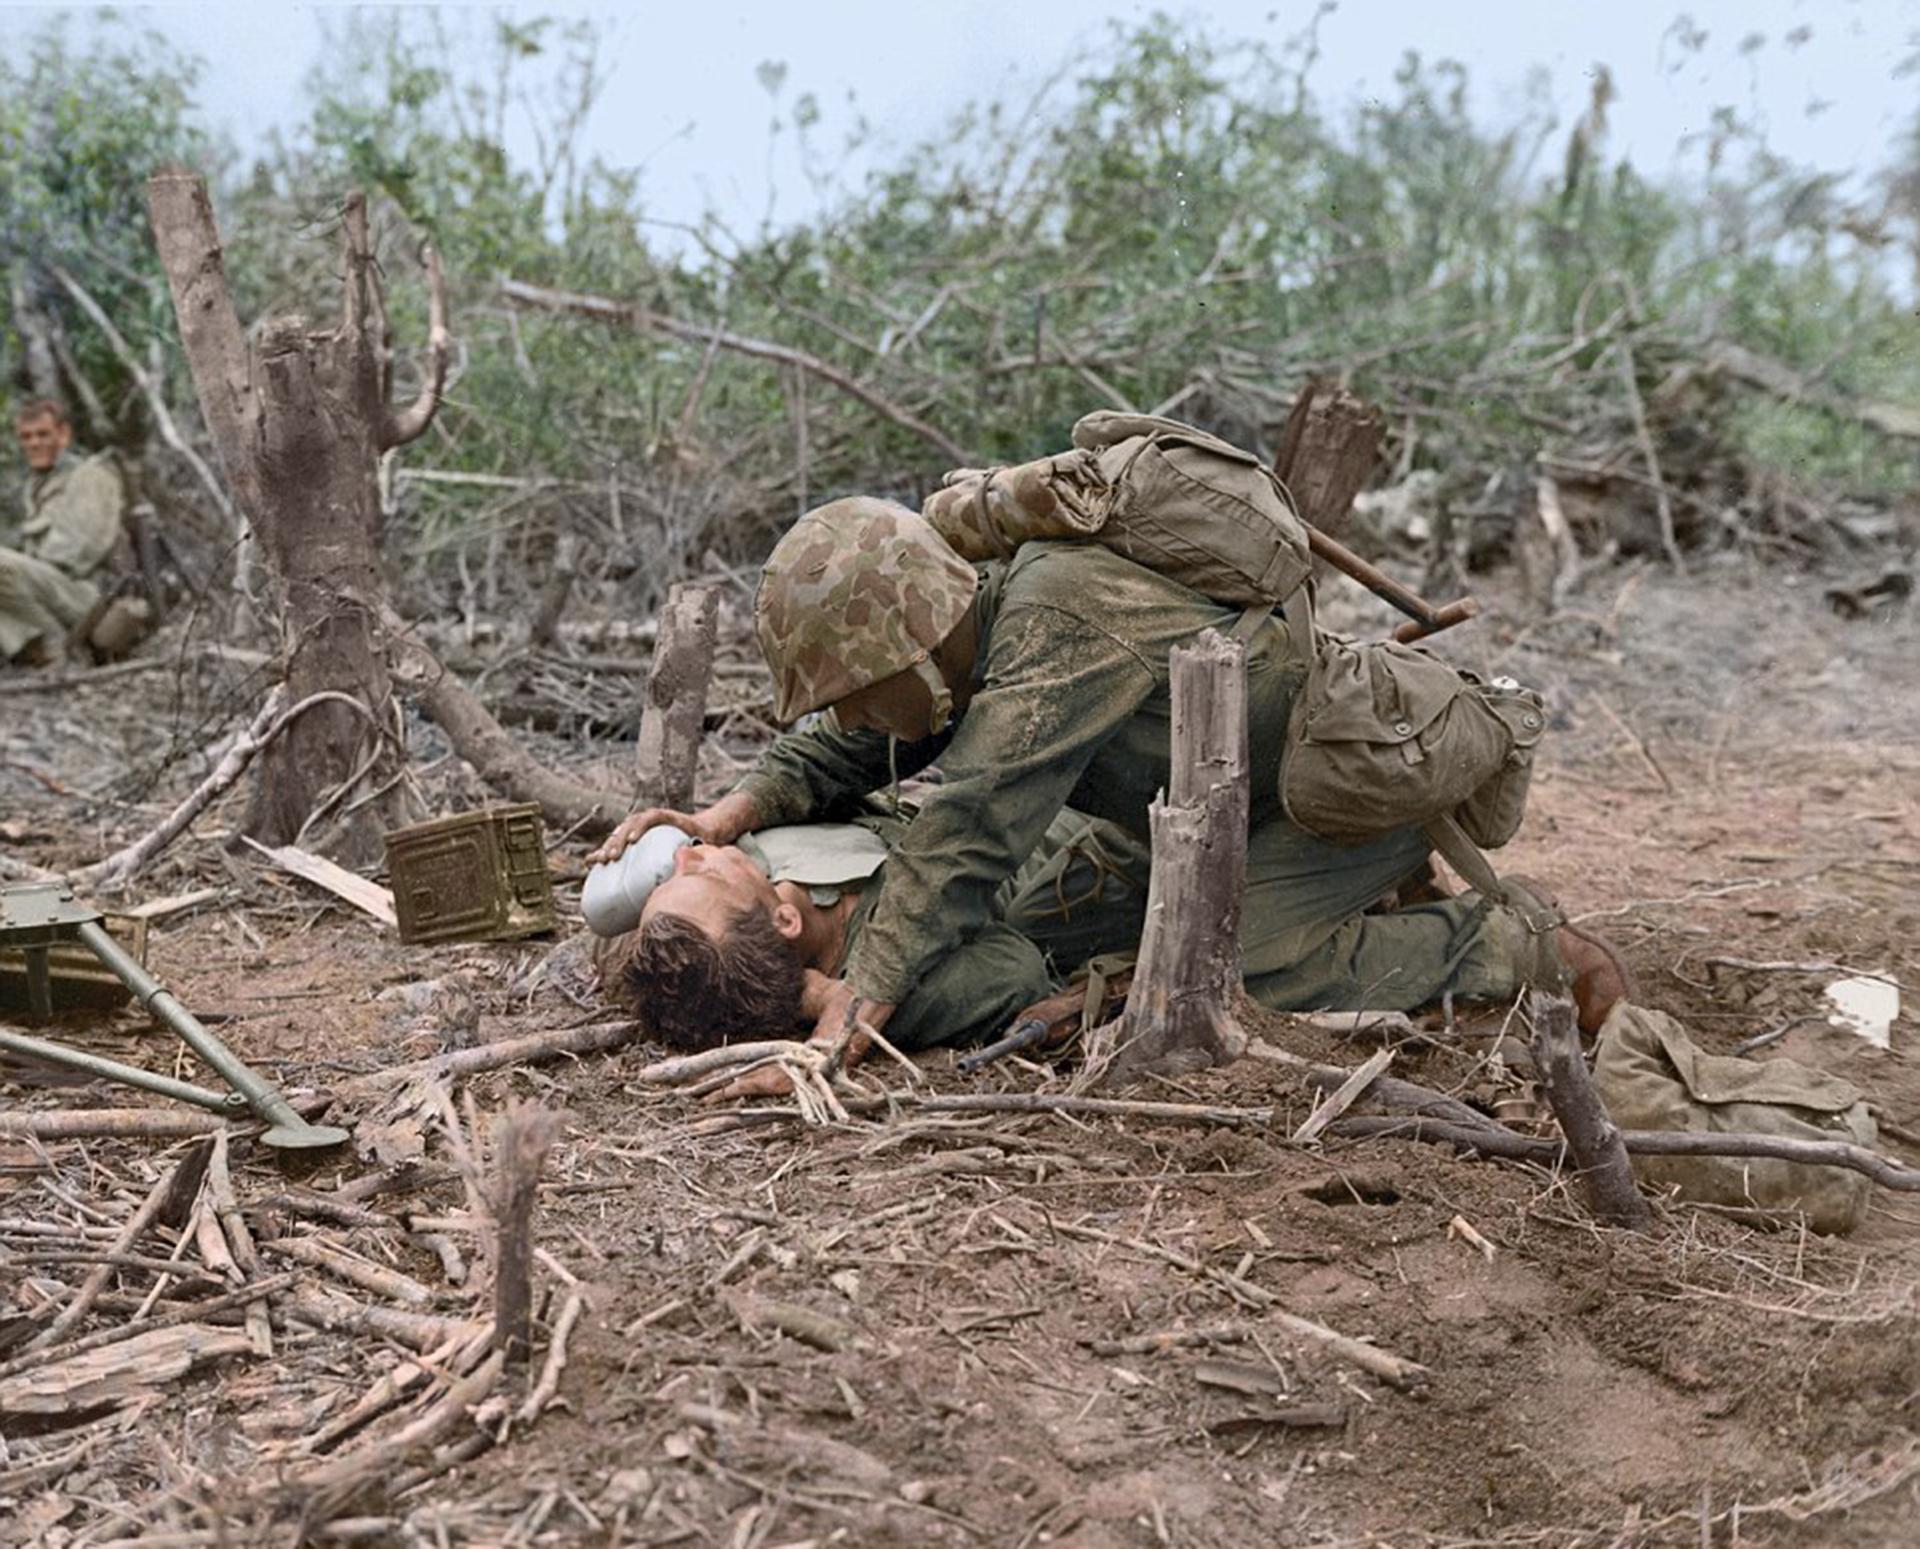 Un marine asiste a un compañero en Iwo Jima, mientras otro, ya sin su casco, observa la dramática imagen